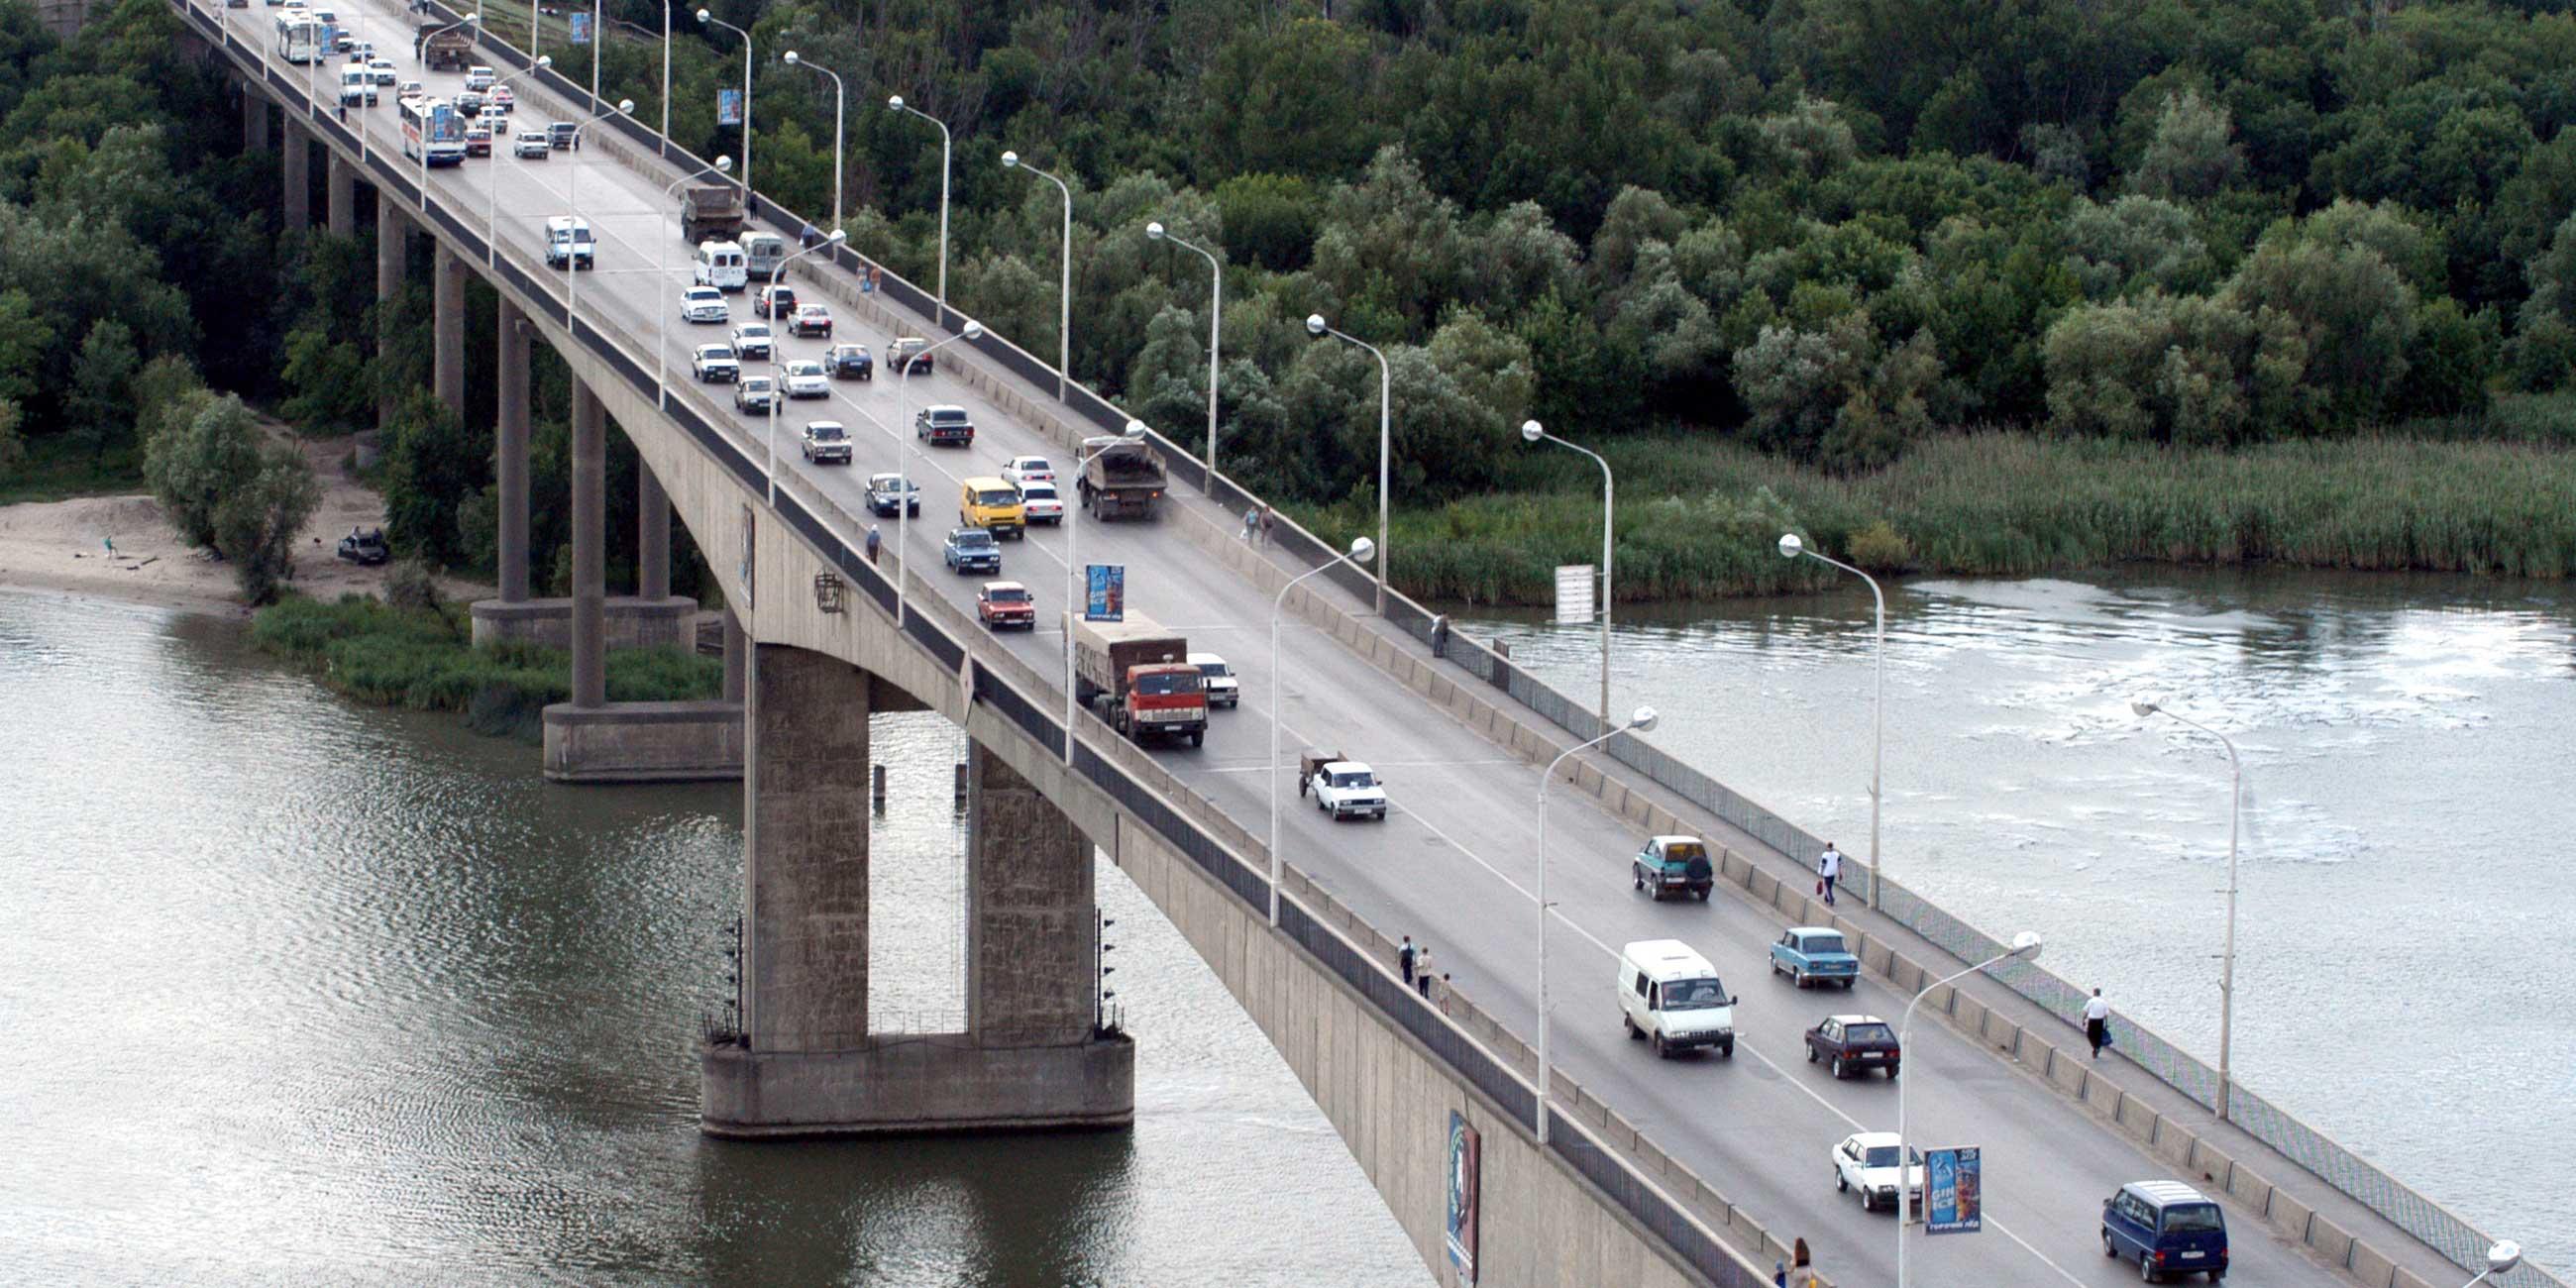 Говорят, Ворошиловский мост соединяет Европу и АзиюФото: globallookpress.com